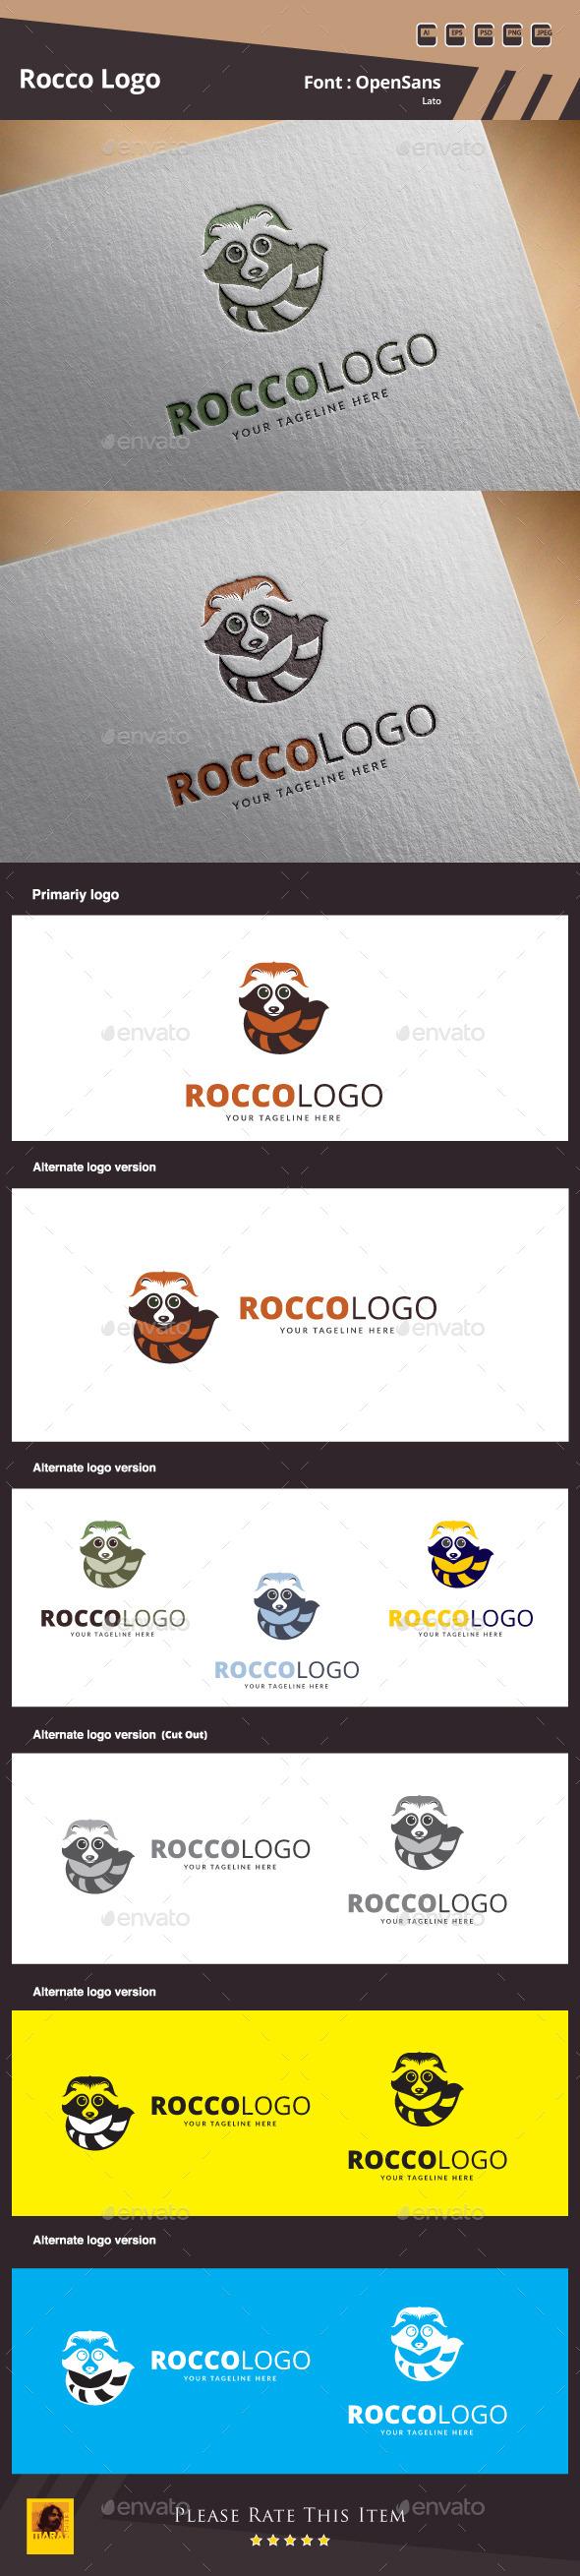 GraphicRiver Rocco Logo Template 10513154